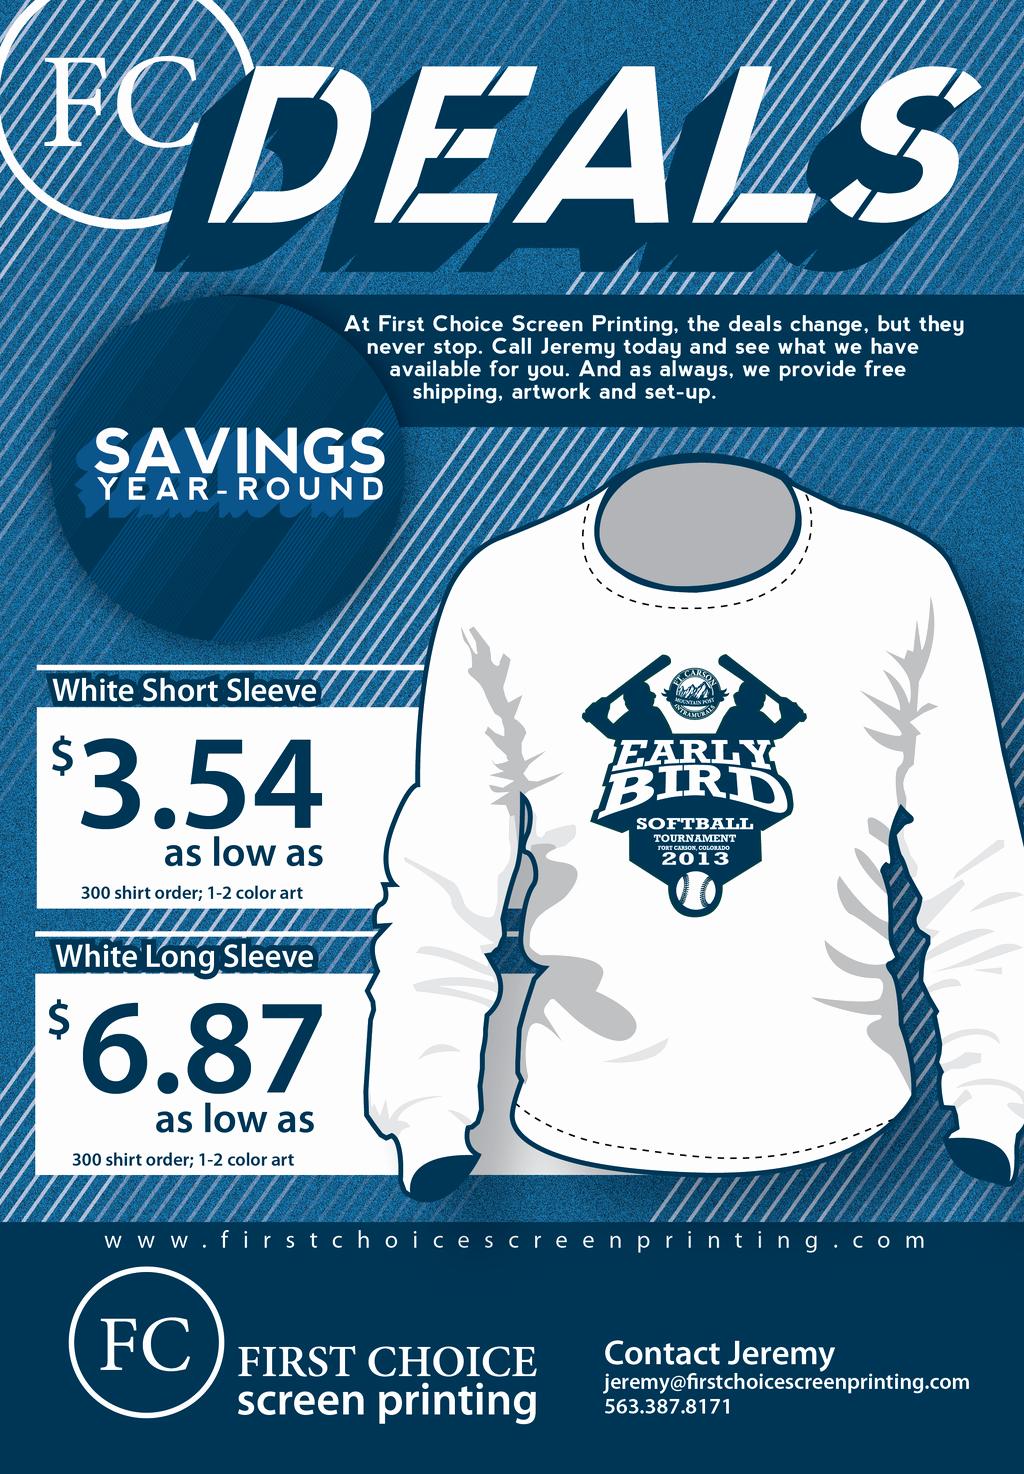 T Shirt Flyer Template Luxury First Choice Screen Printing Flyer by Cbmatt8 On Deviantart